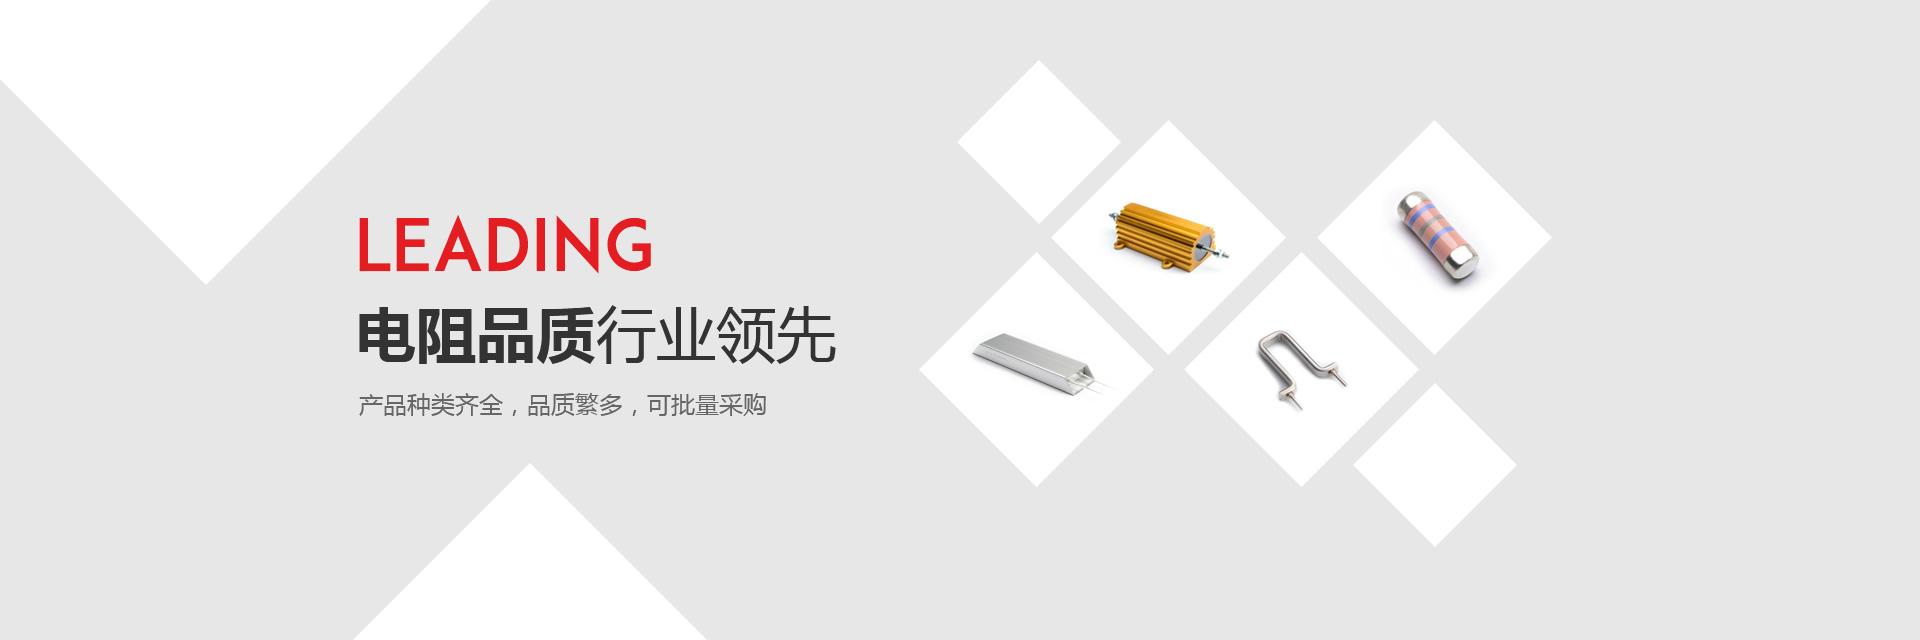 深圳市某某电子科技有限公司